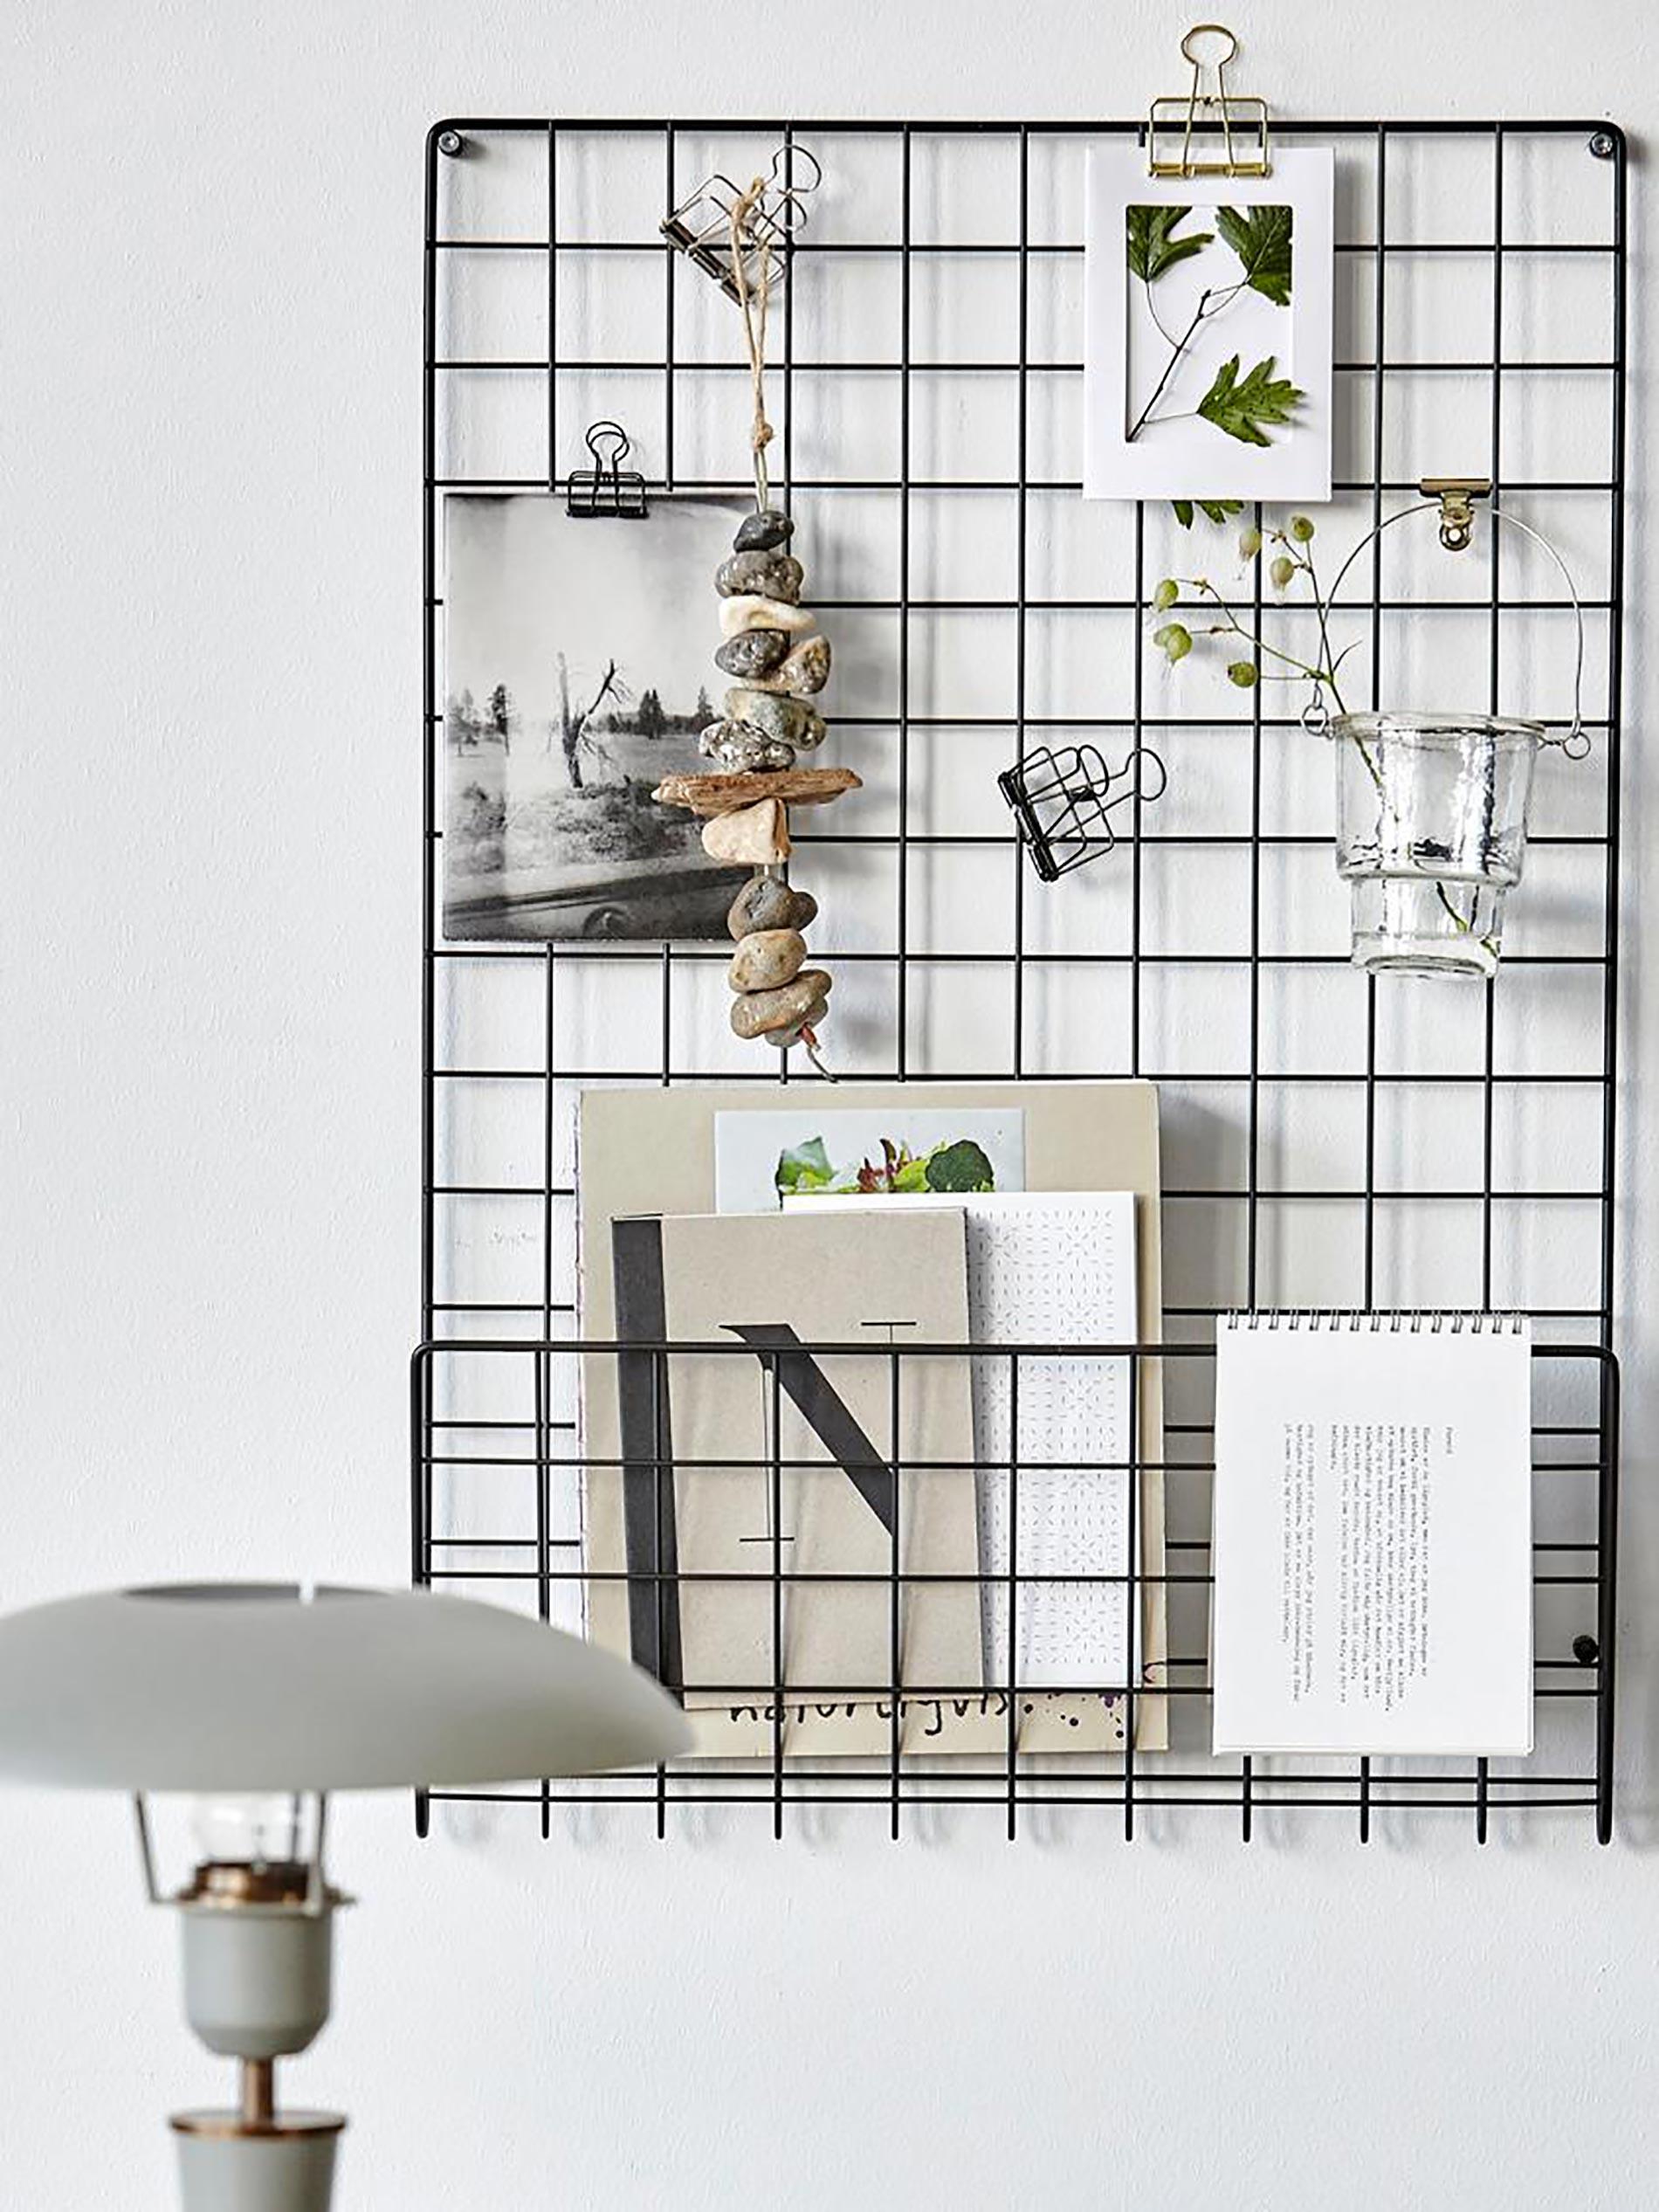 oggetti bianchi e neri di design